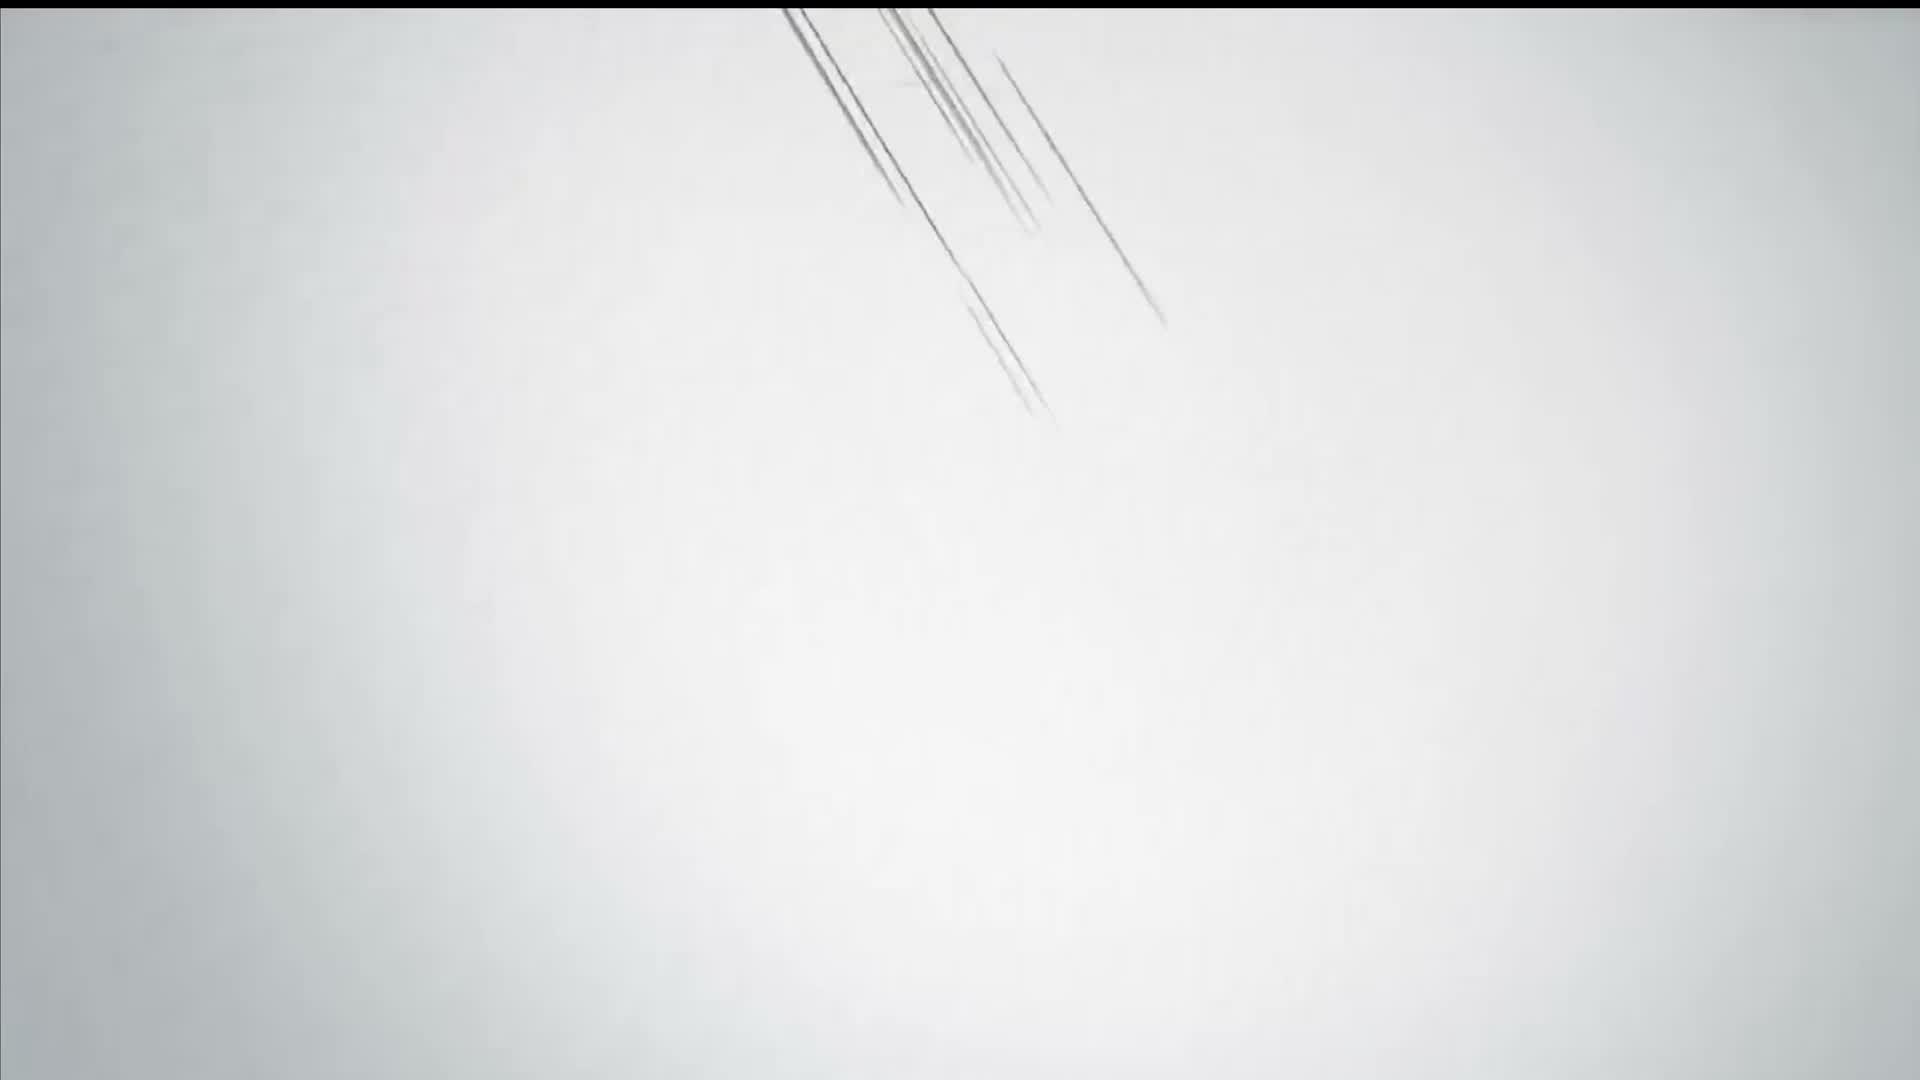 DOĞU 18V Lityum Akülü Kutuplu Testere ağaç dalı kesme makinası ile teleskopik çubuk